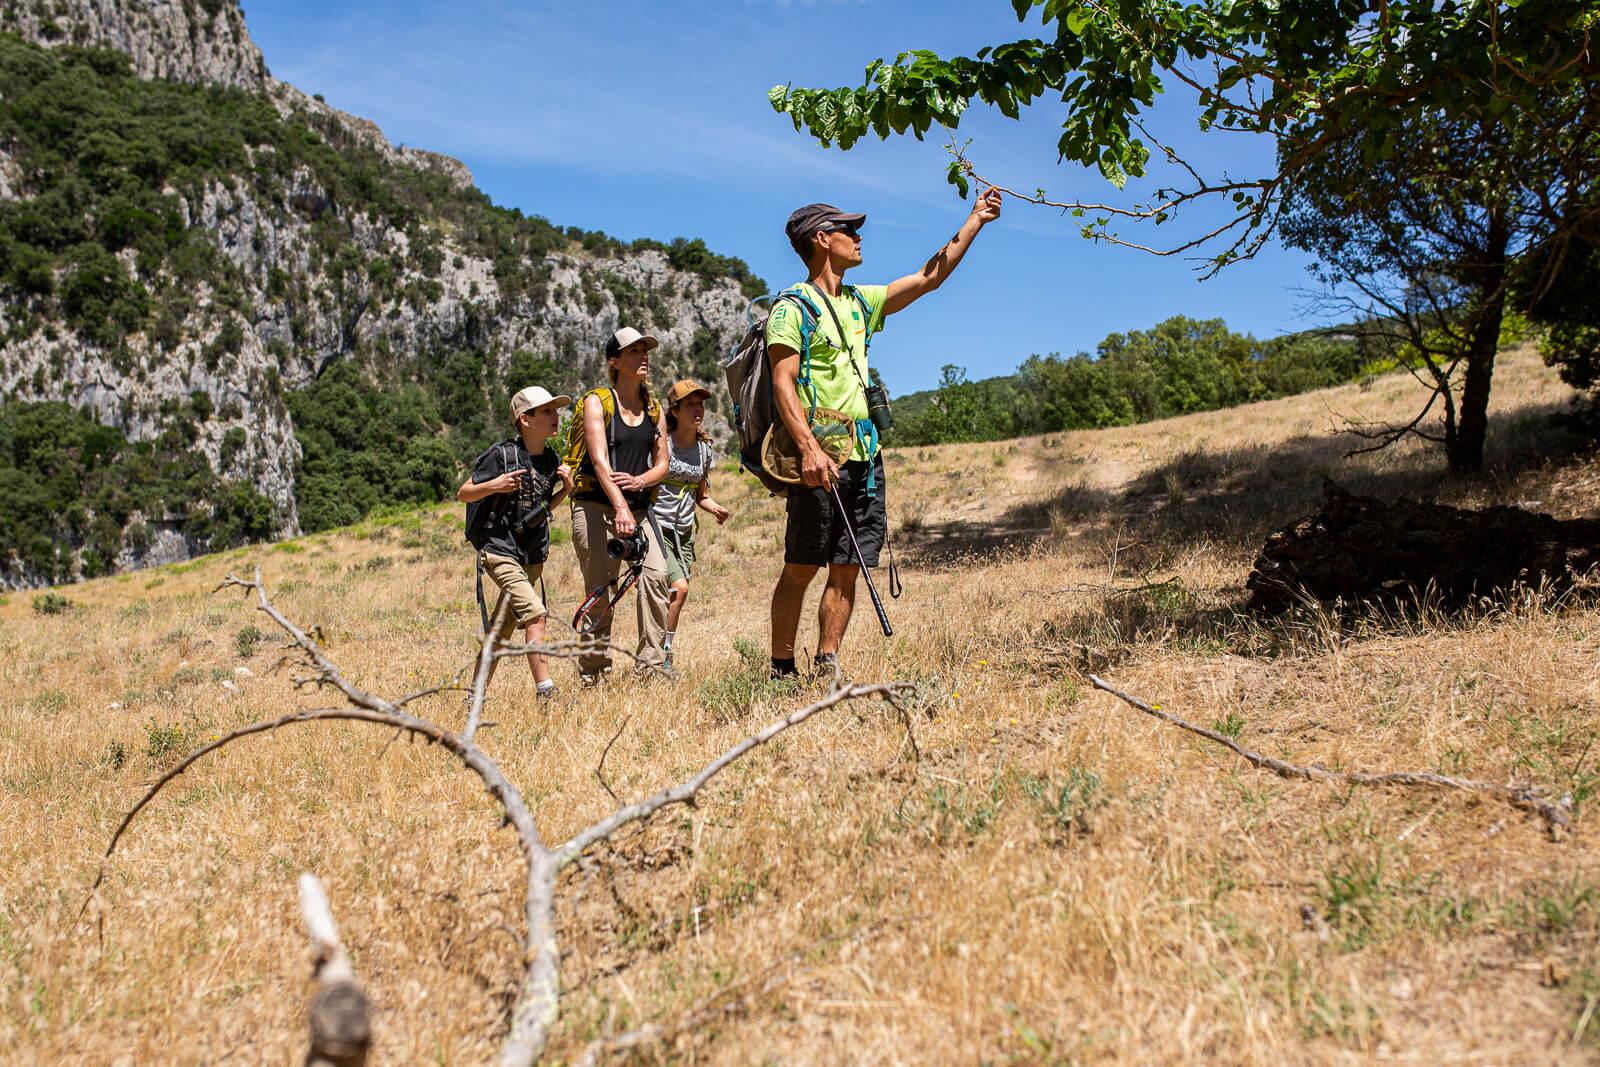 Randonnée en famille dans les Gorges de l'Ardèche avec un guide